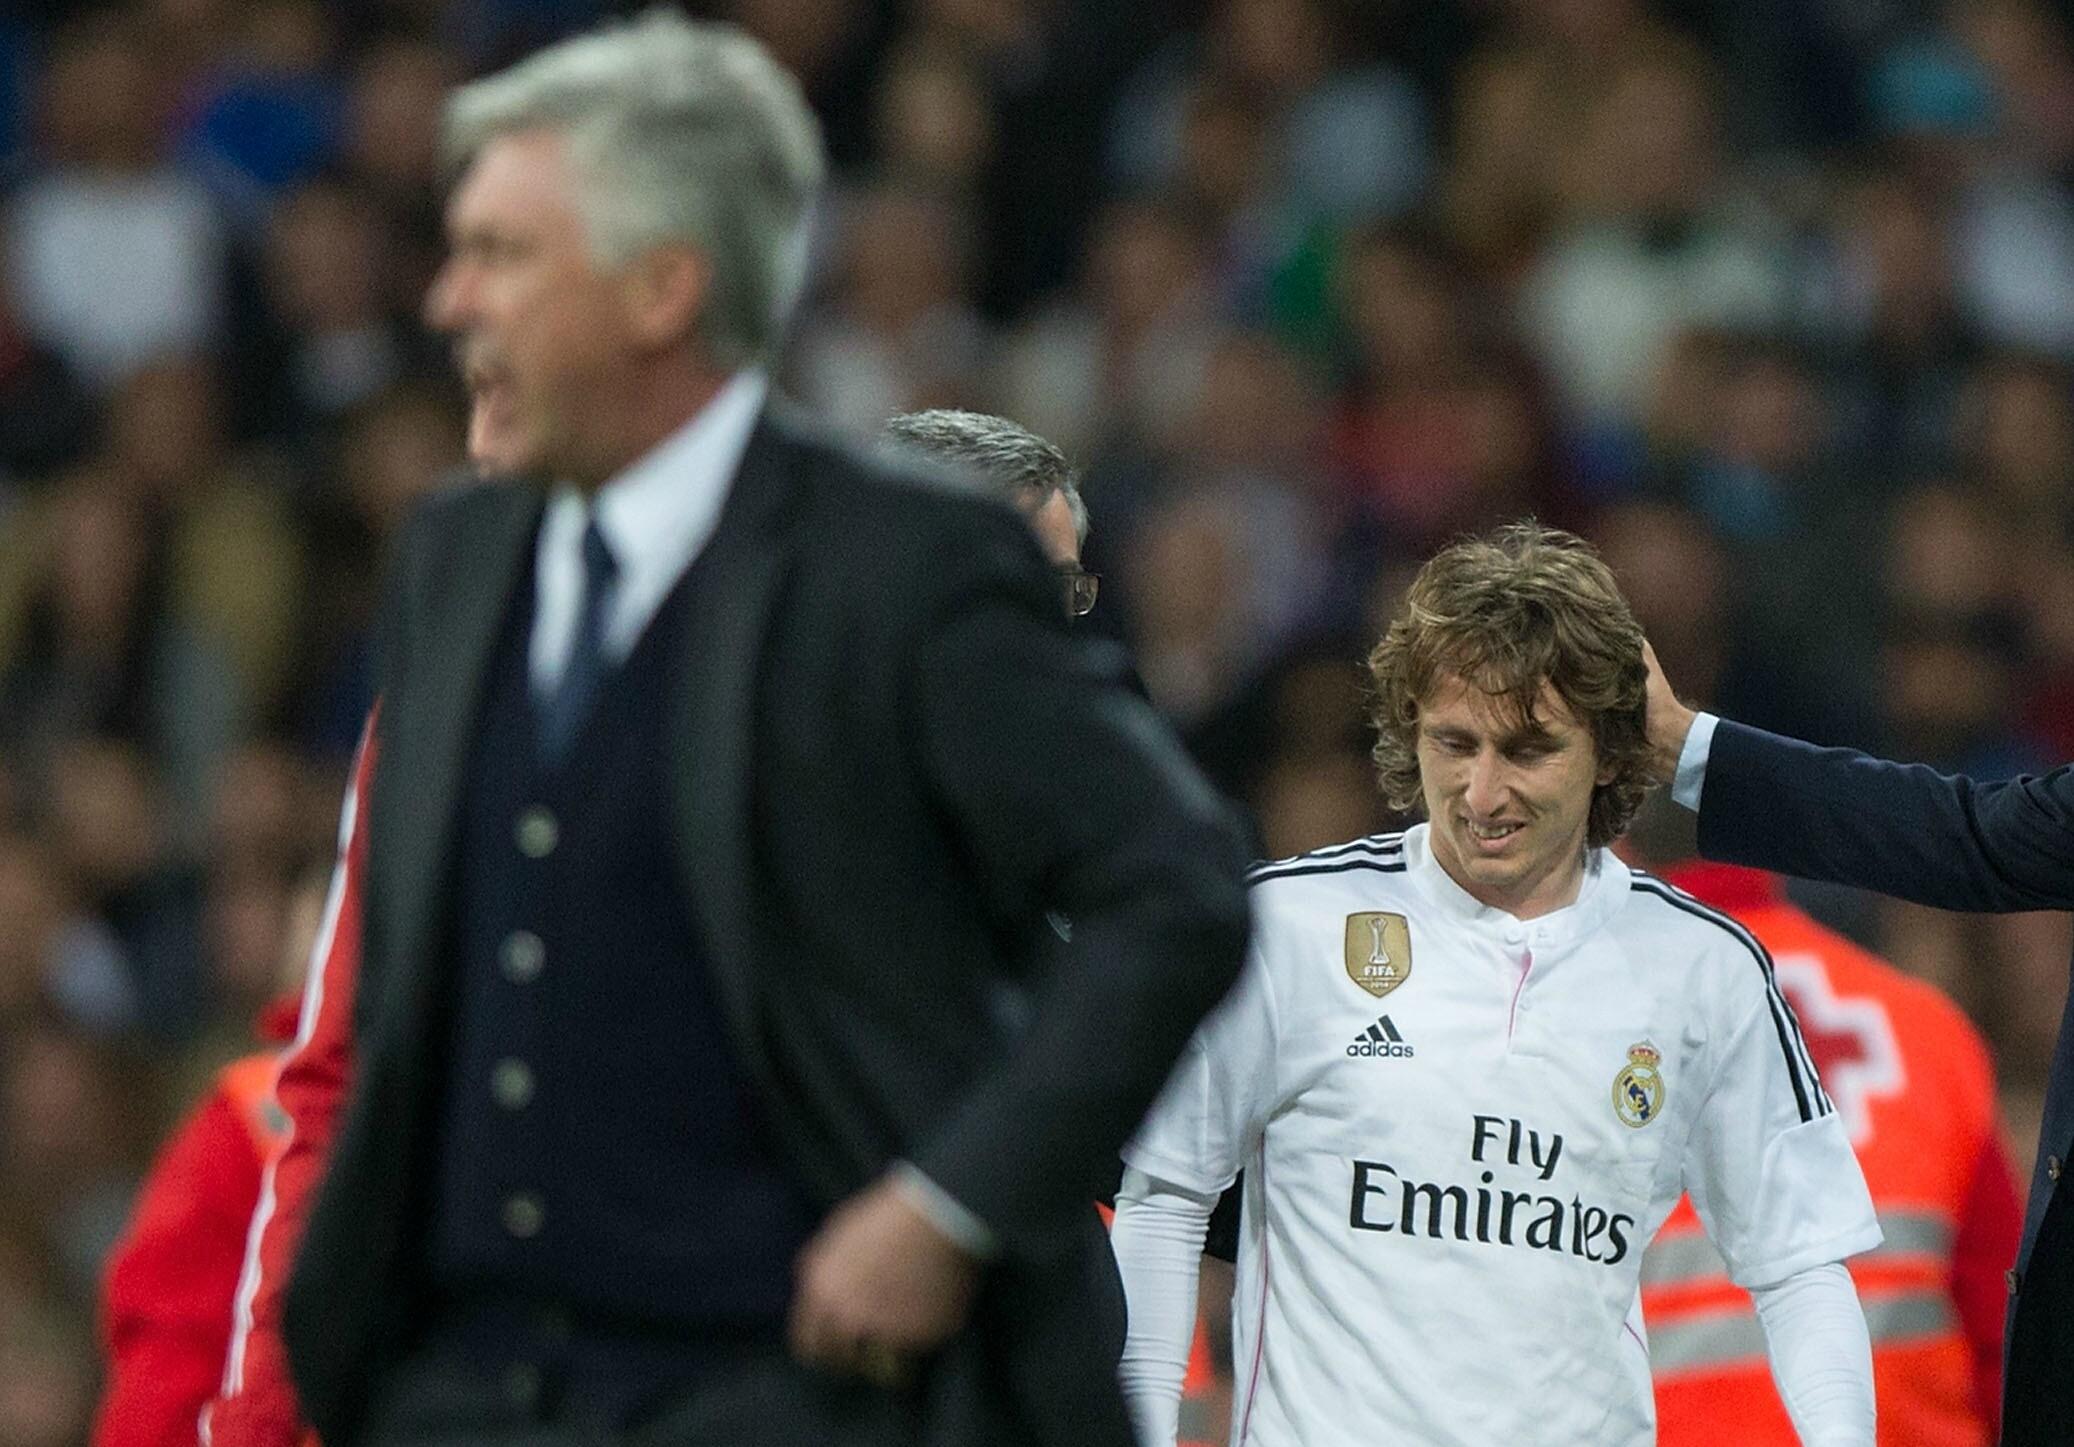 El médico de Croacia culpa a Ancelotti de la lesión de Modric